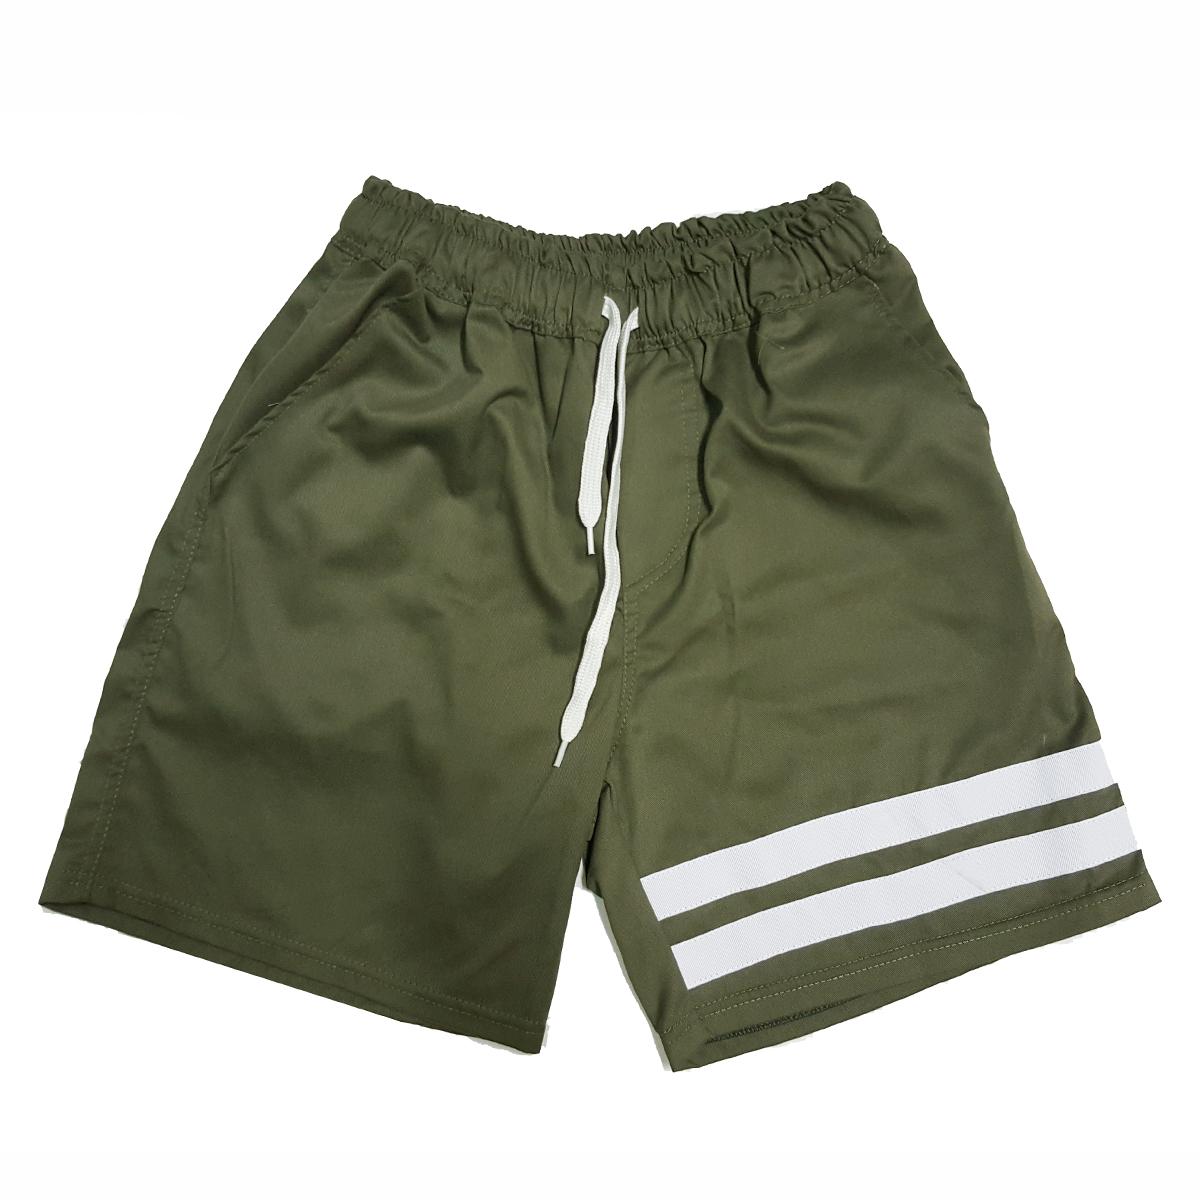 กางเกงขาสั้น SPORT รหัส213 สีเขียวขี้ม้า